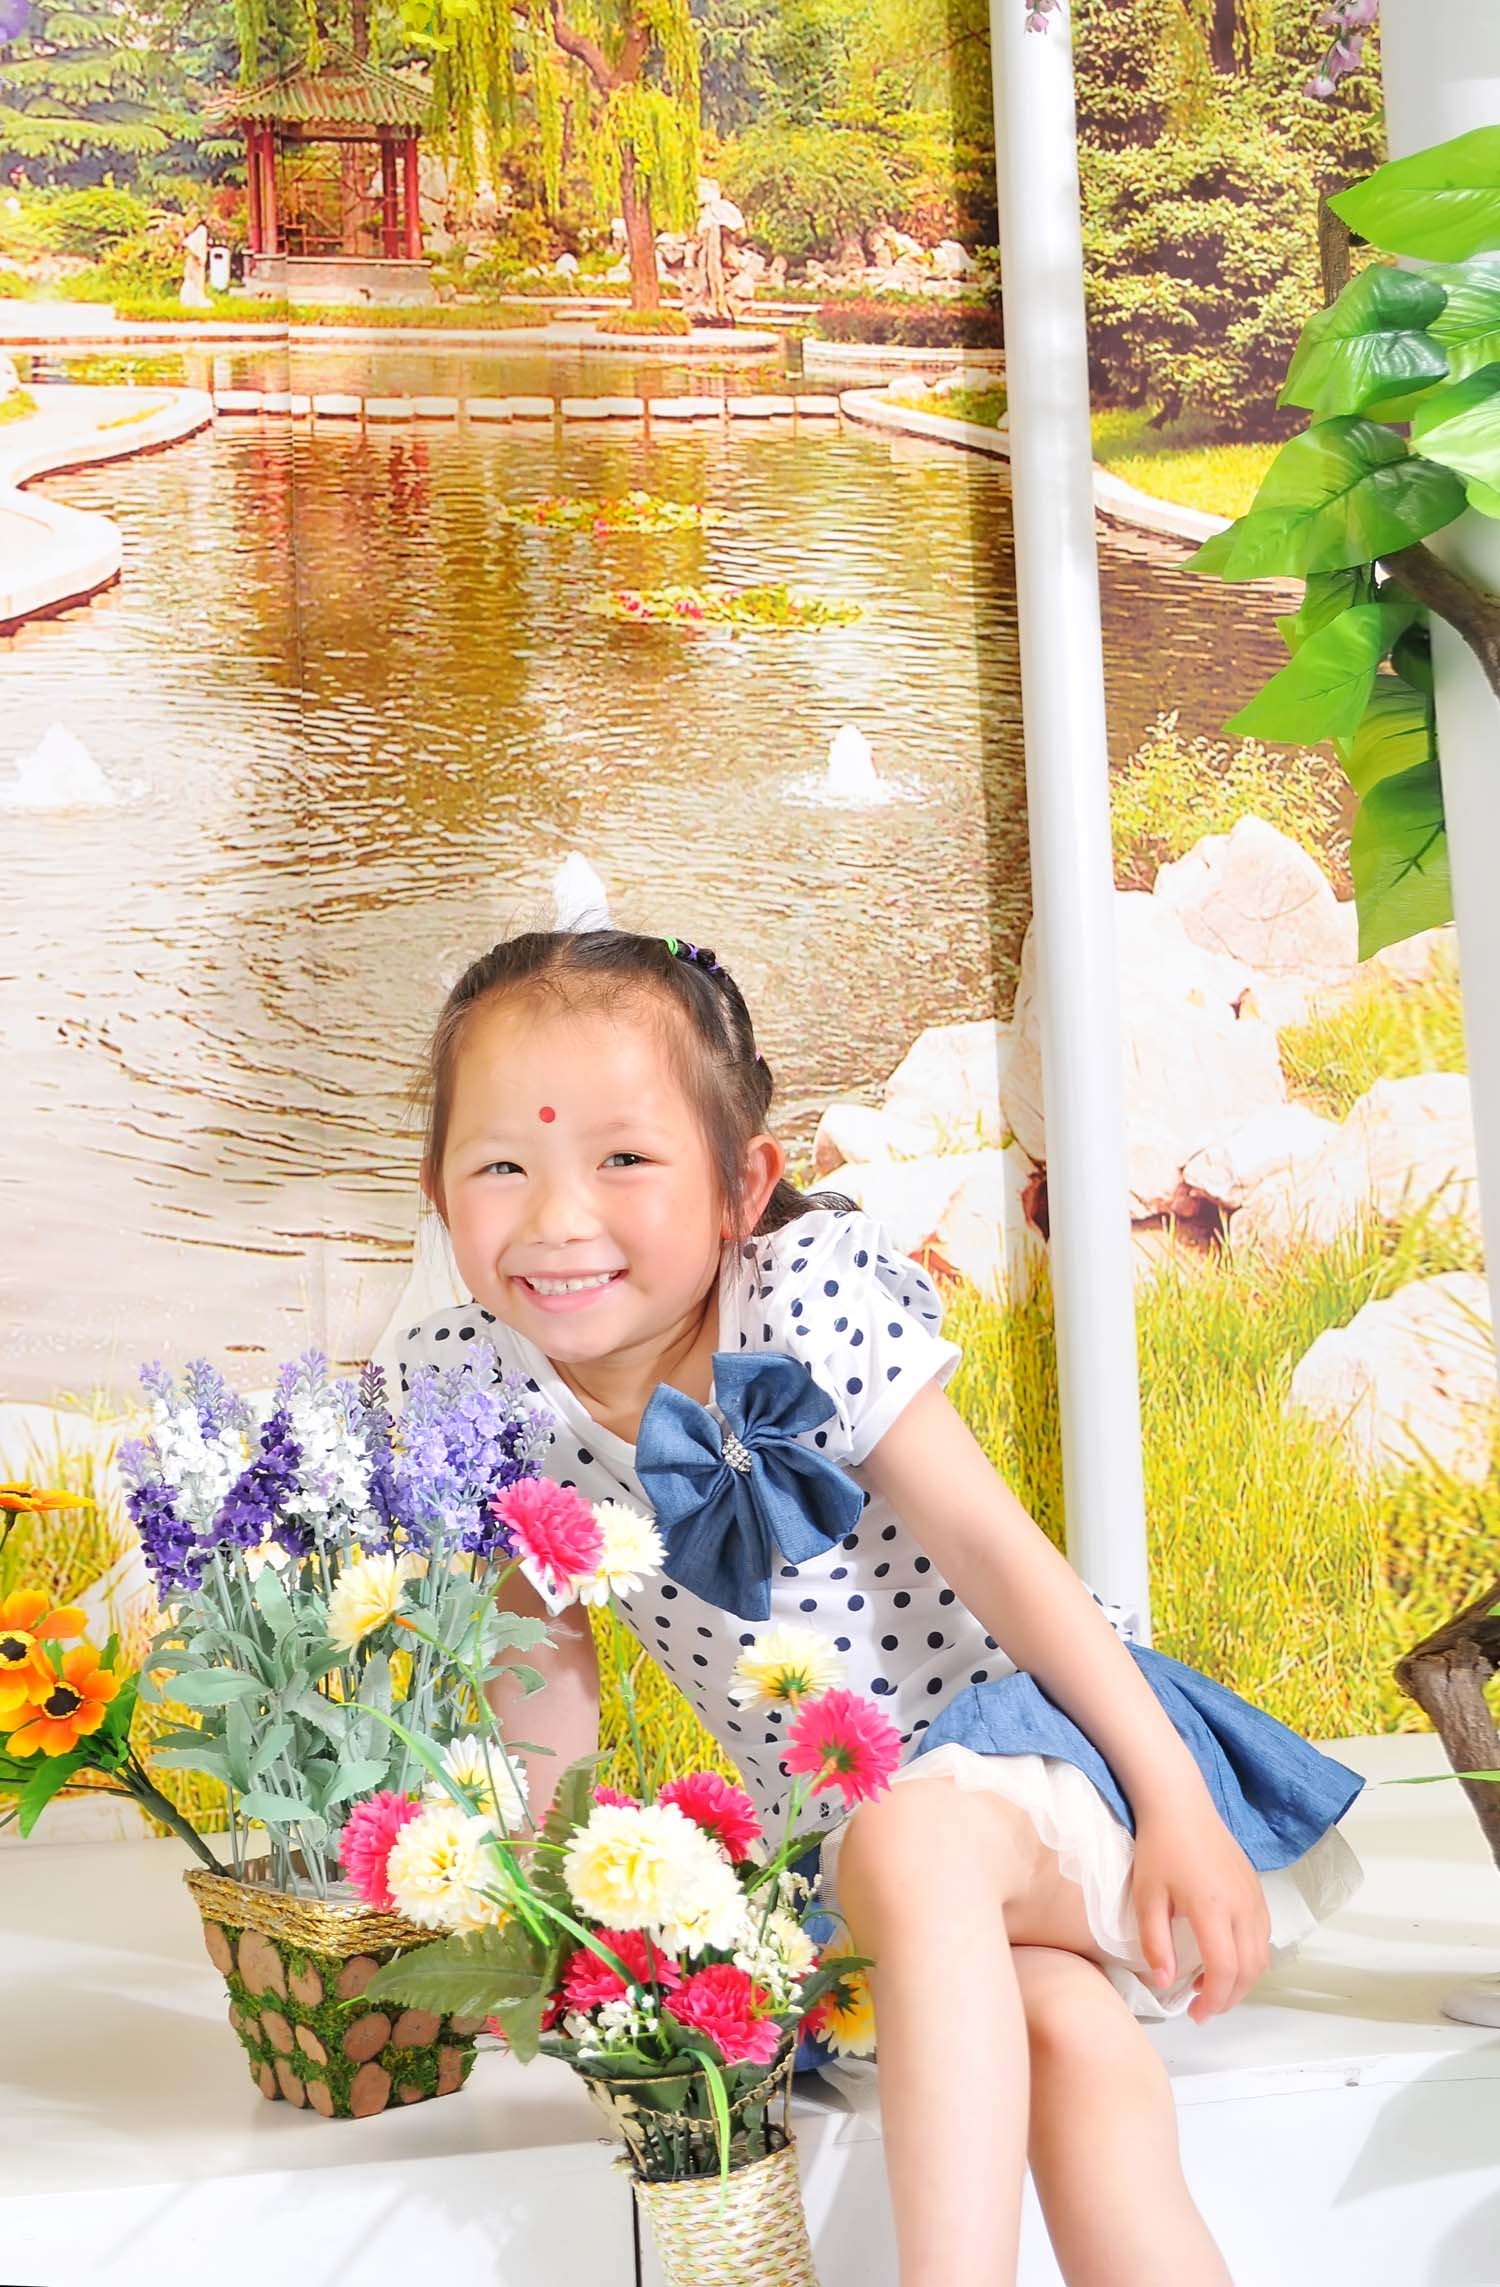 黑光论坛69作品欣赏69摄影作品69可爱的小女孩